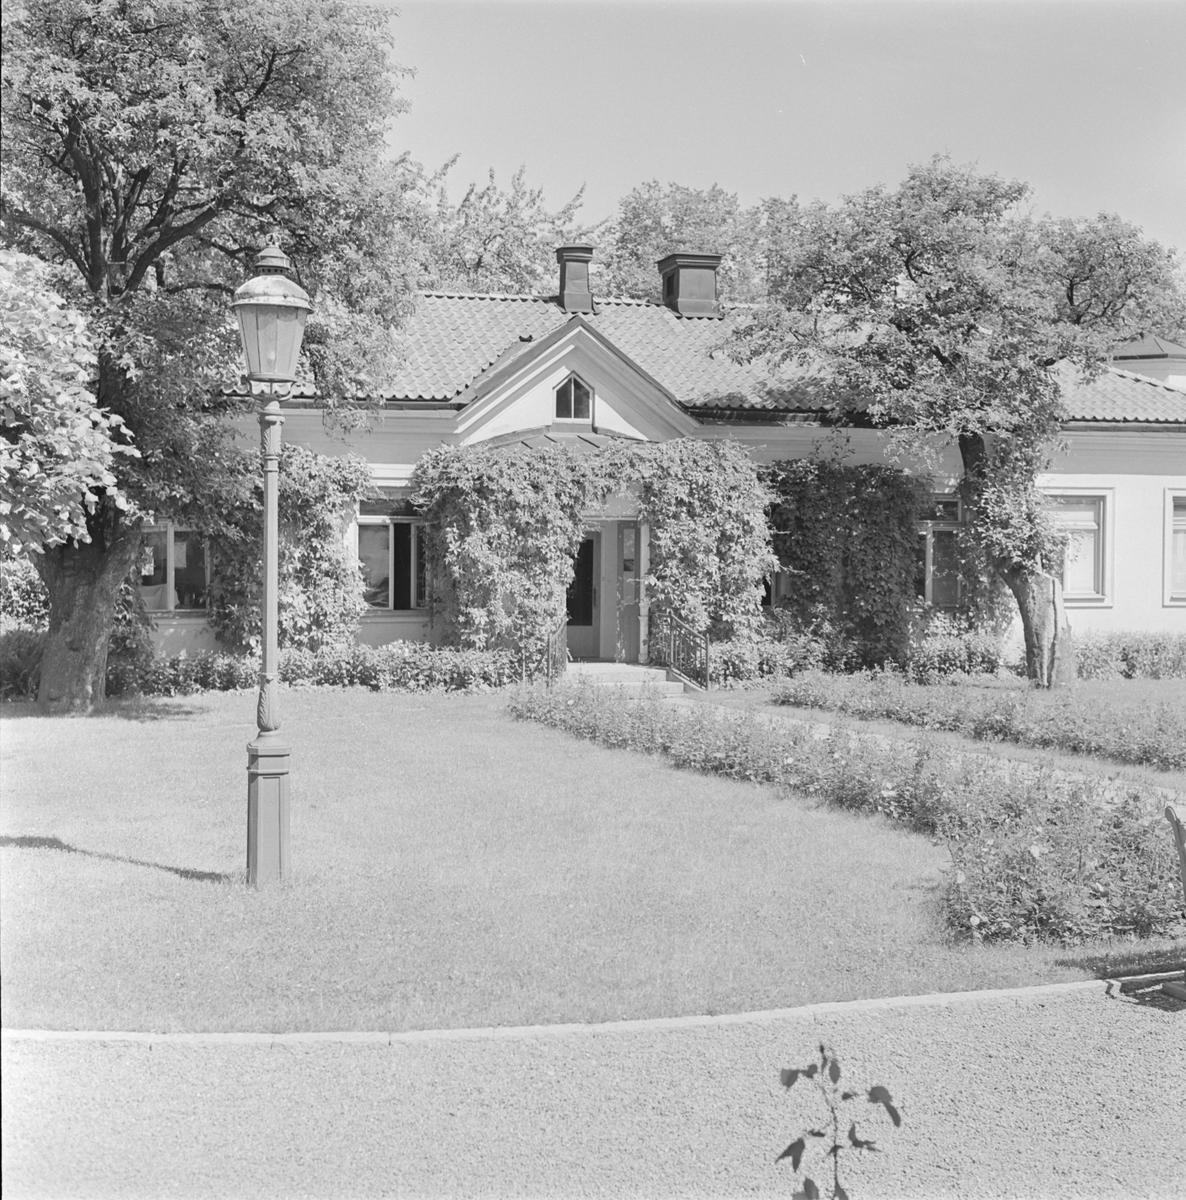 Uppsala läns landstings huvudbyggnad, kvarteret Trädgården, Uppsala 1959